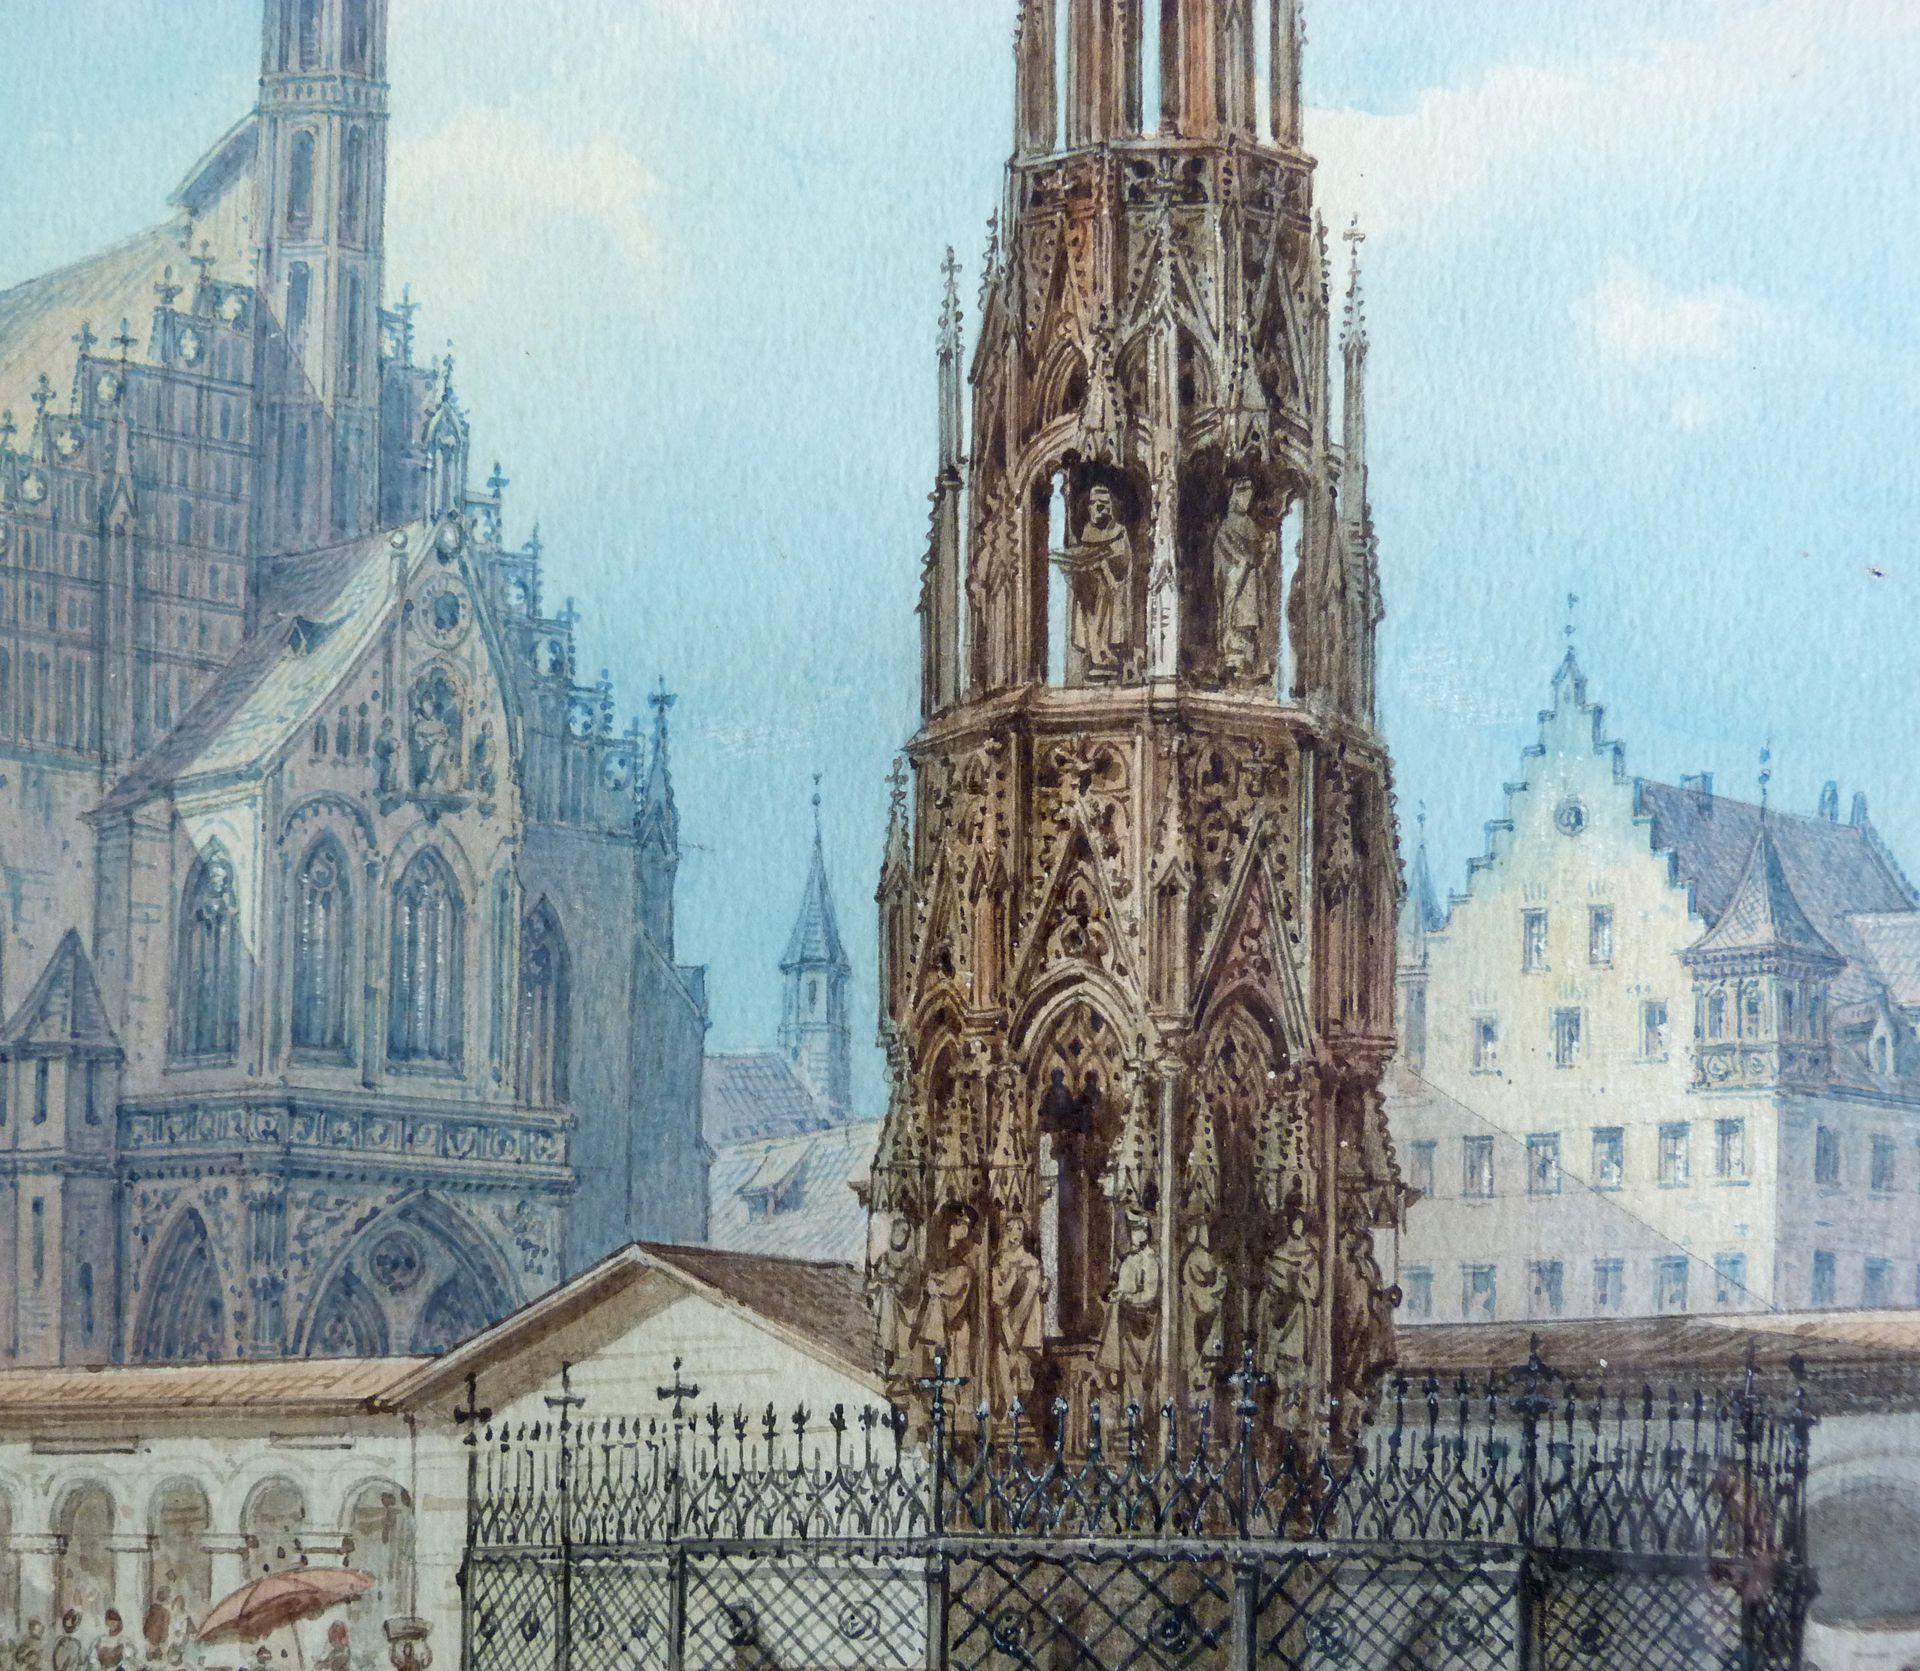 Der Schöne Brunnen in Nürnberg Mittelteil